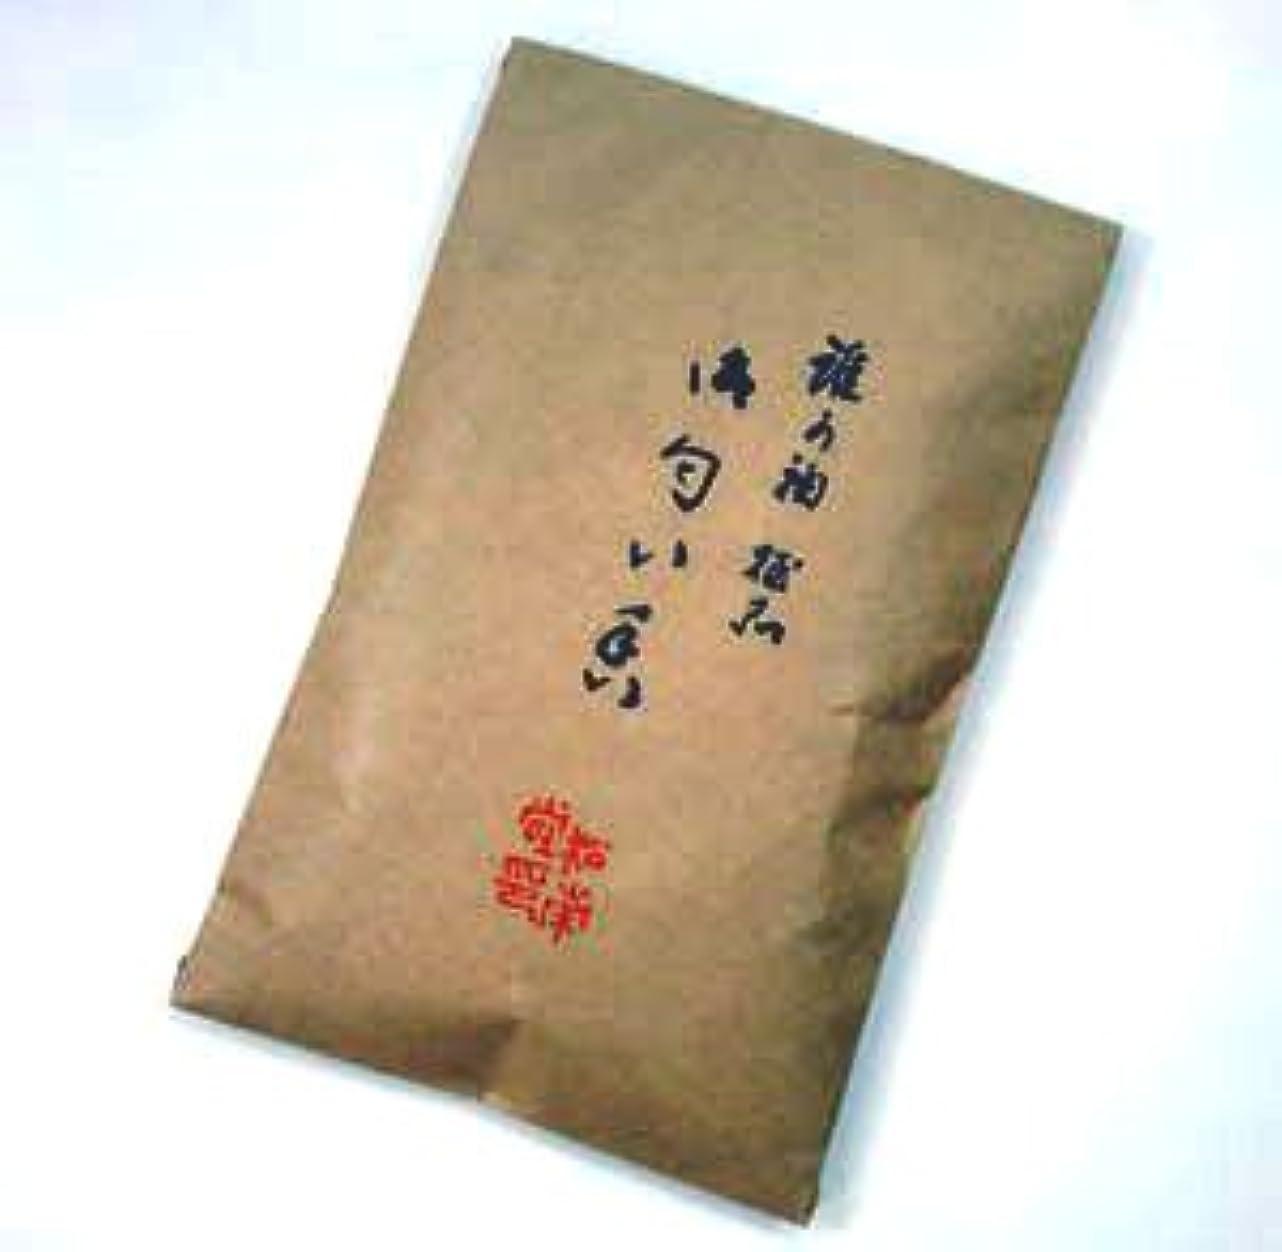 じゃない報復するシャープ匂い袋用のお香(詰替え用) 「匂い香【極品】」